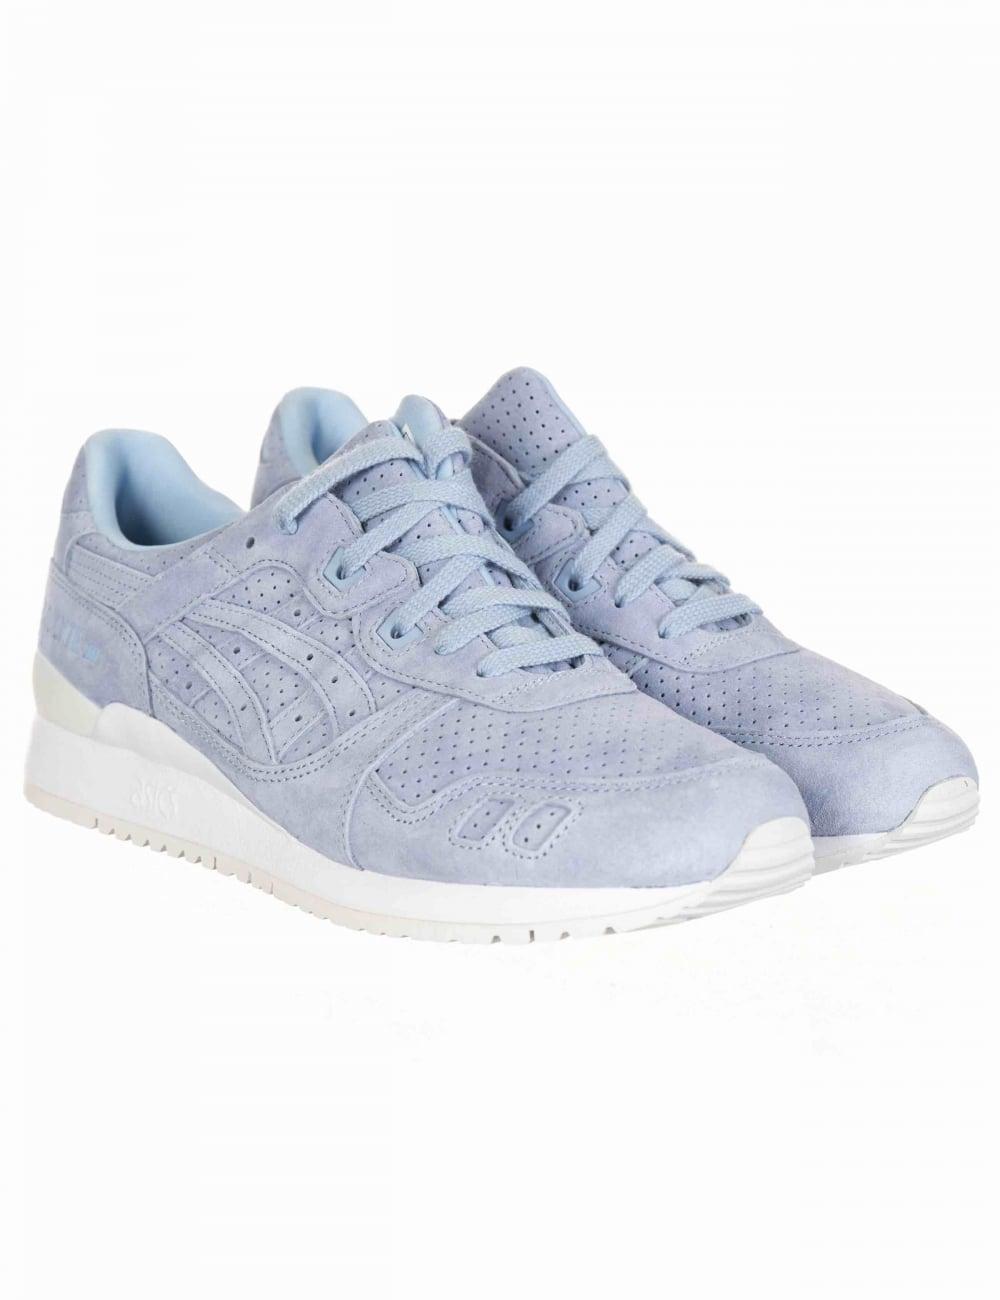 size 40 4e13d d8f02 Gel Lyte III Shoes - Skyway Skyway